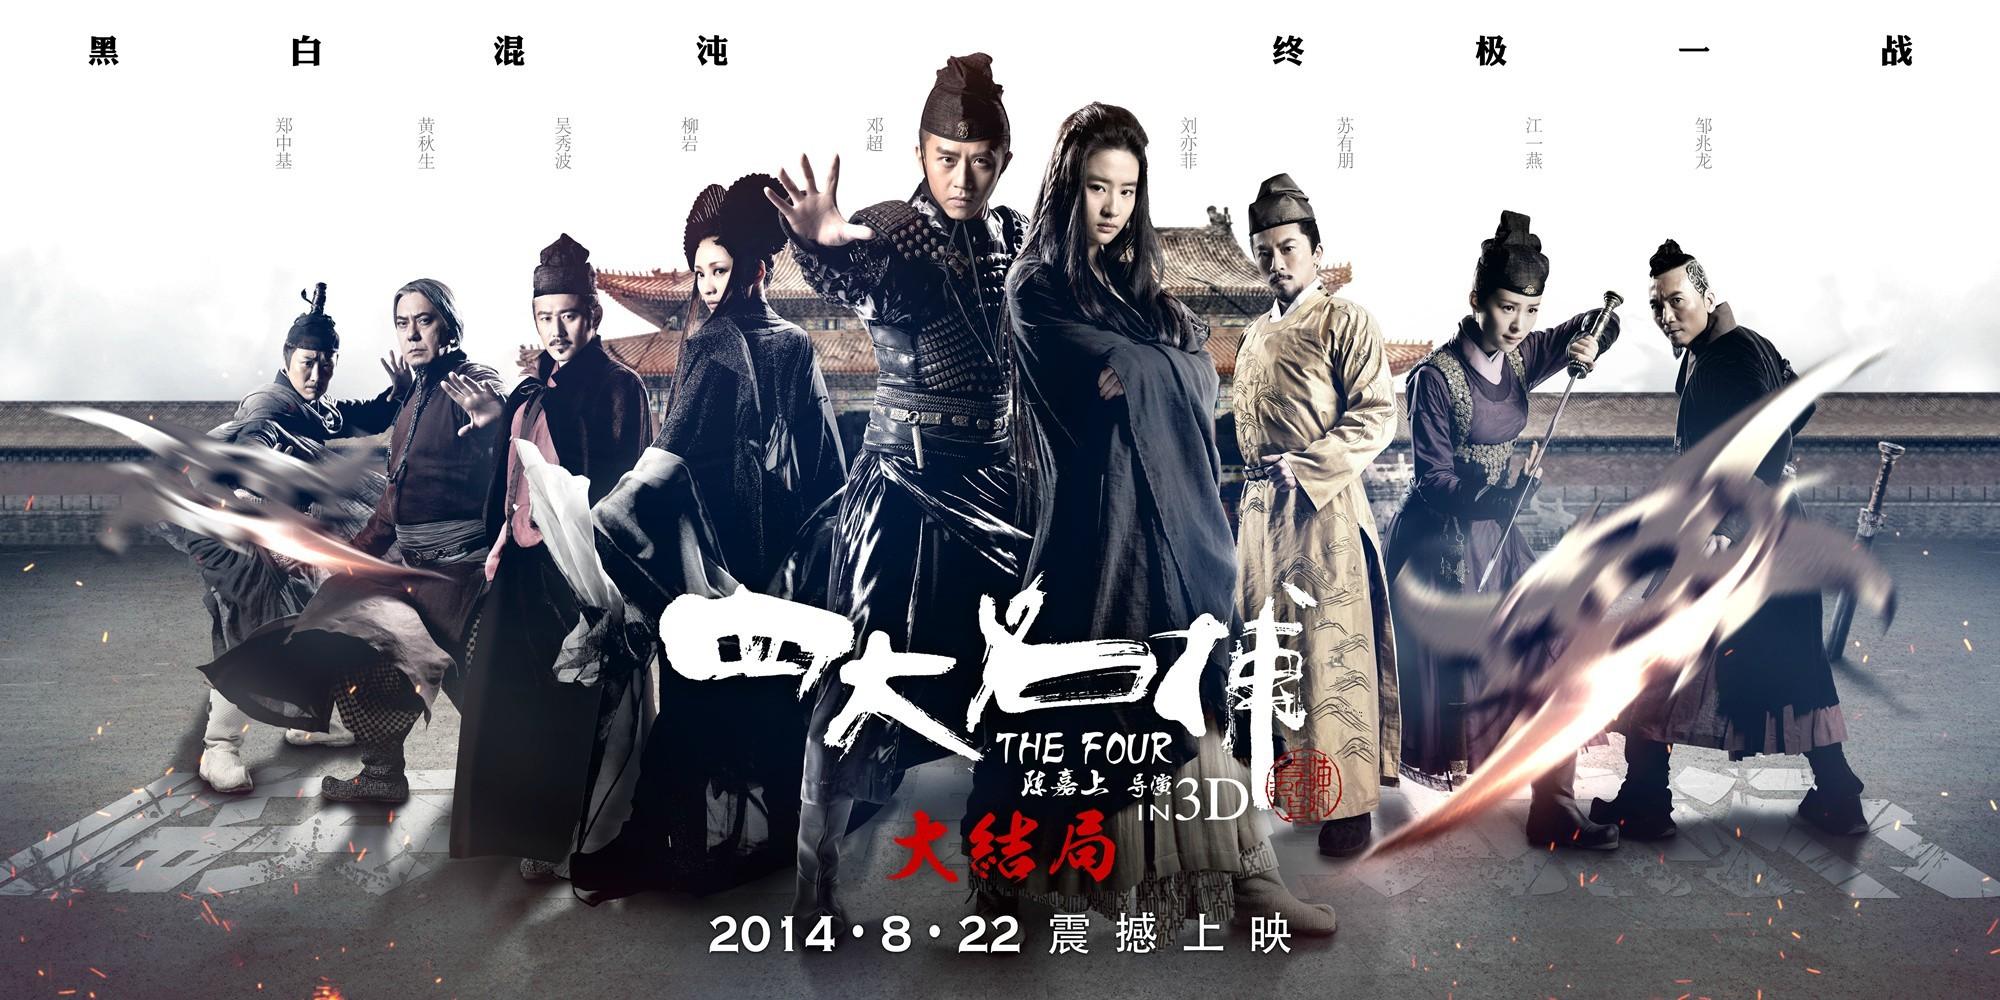 The Four 3: Final Battle (2014) - Tứ Đại Danh Bổ 3: Trận Huyết Chiến Cuối Cùng